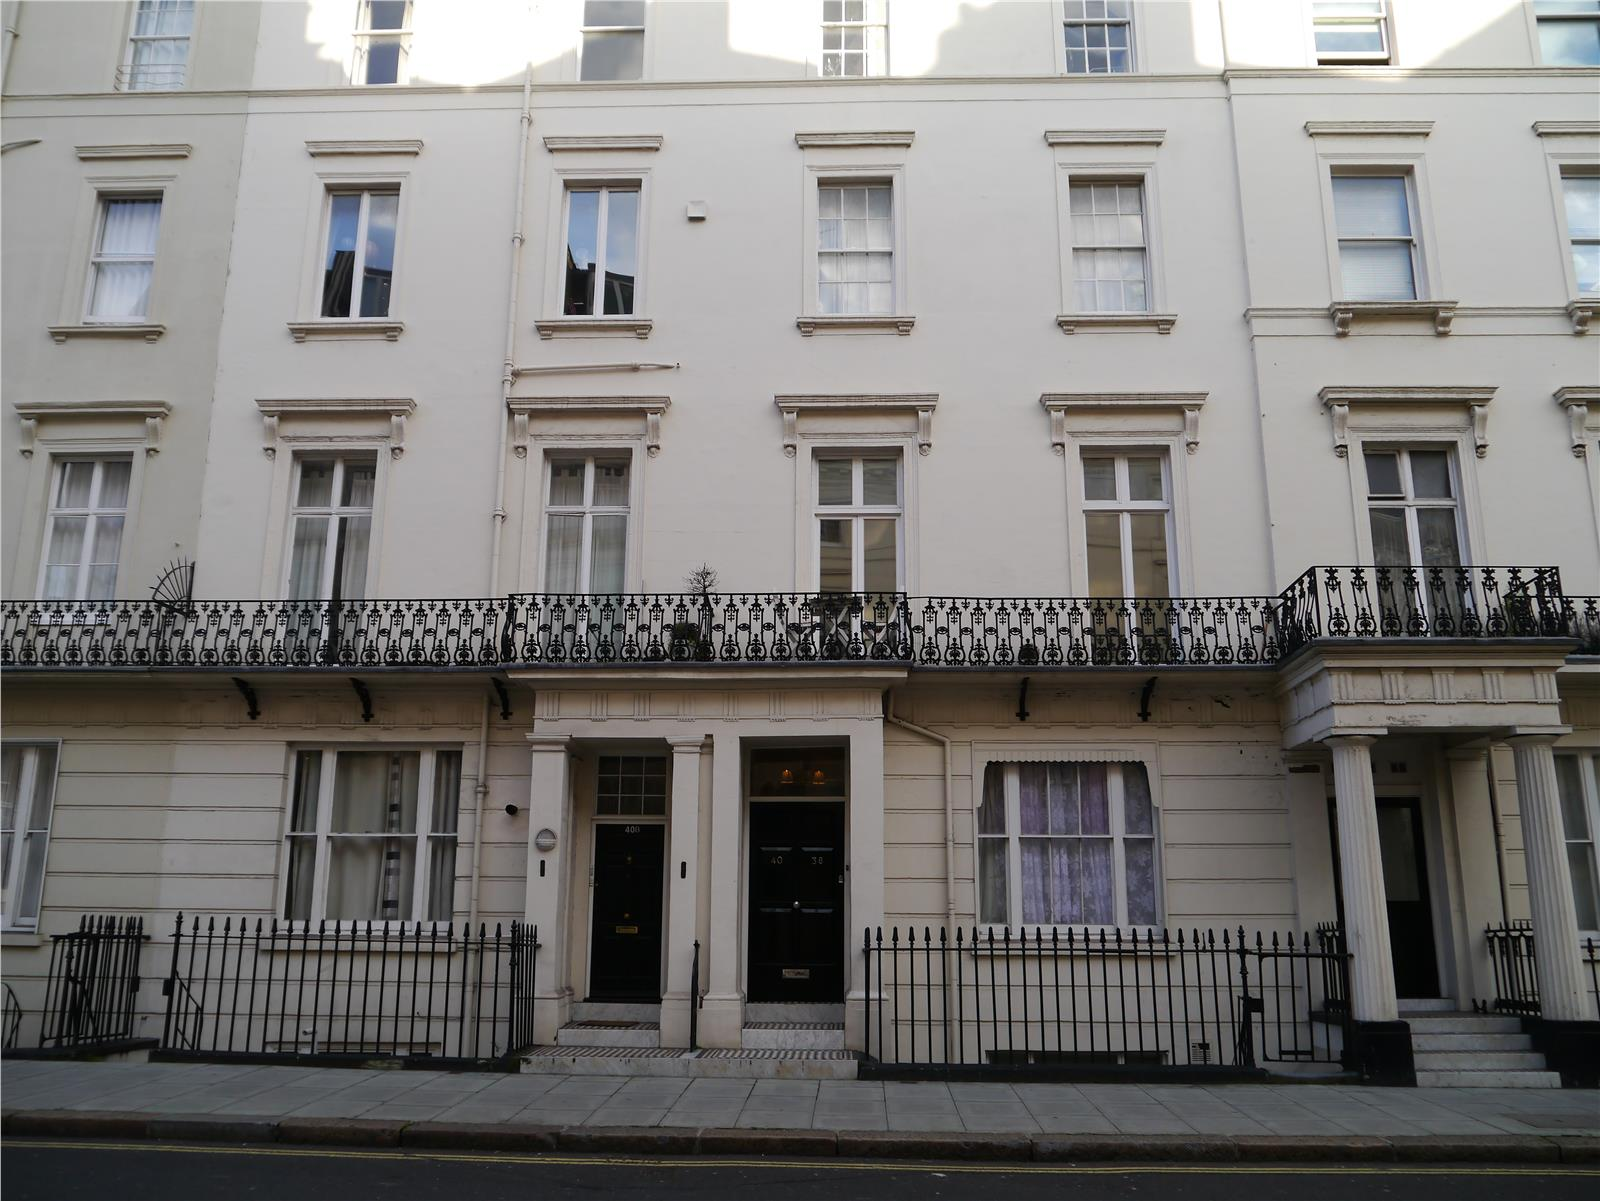 38 Gloucester Terrace, London, Greater London, W2 3DA